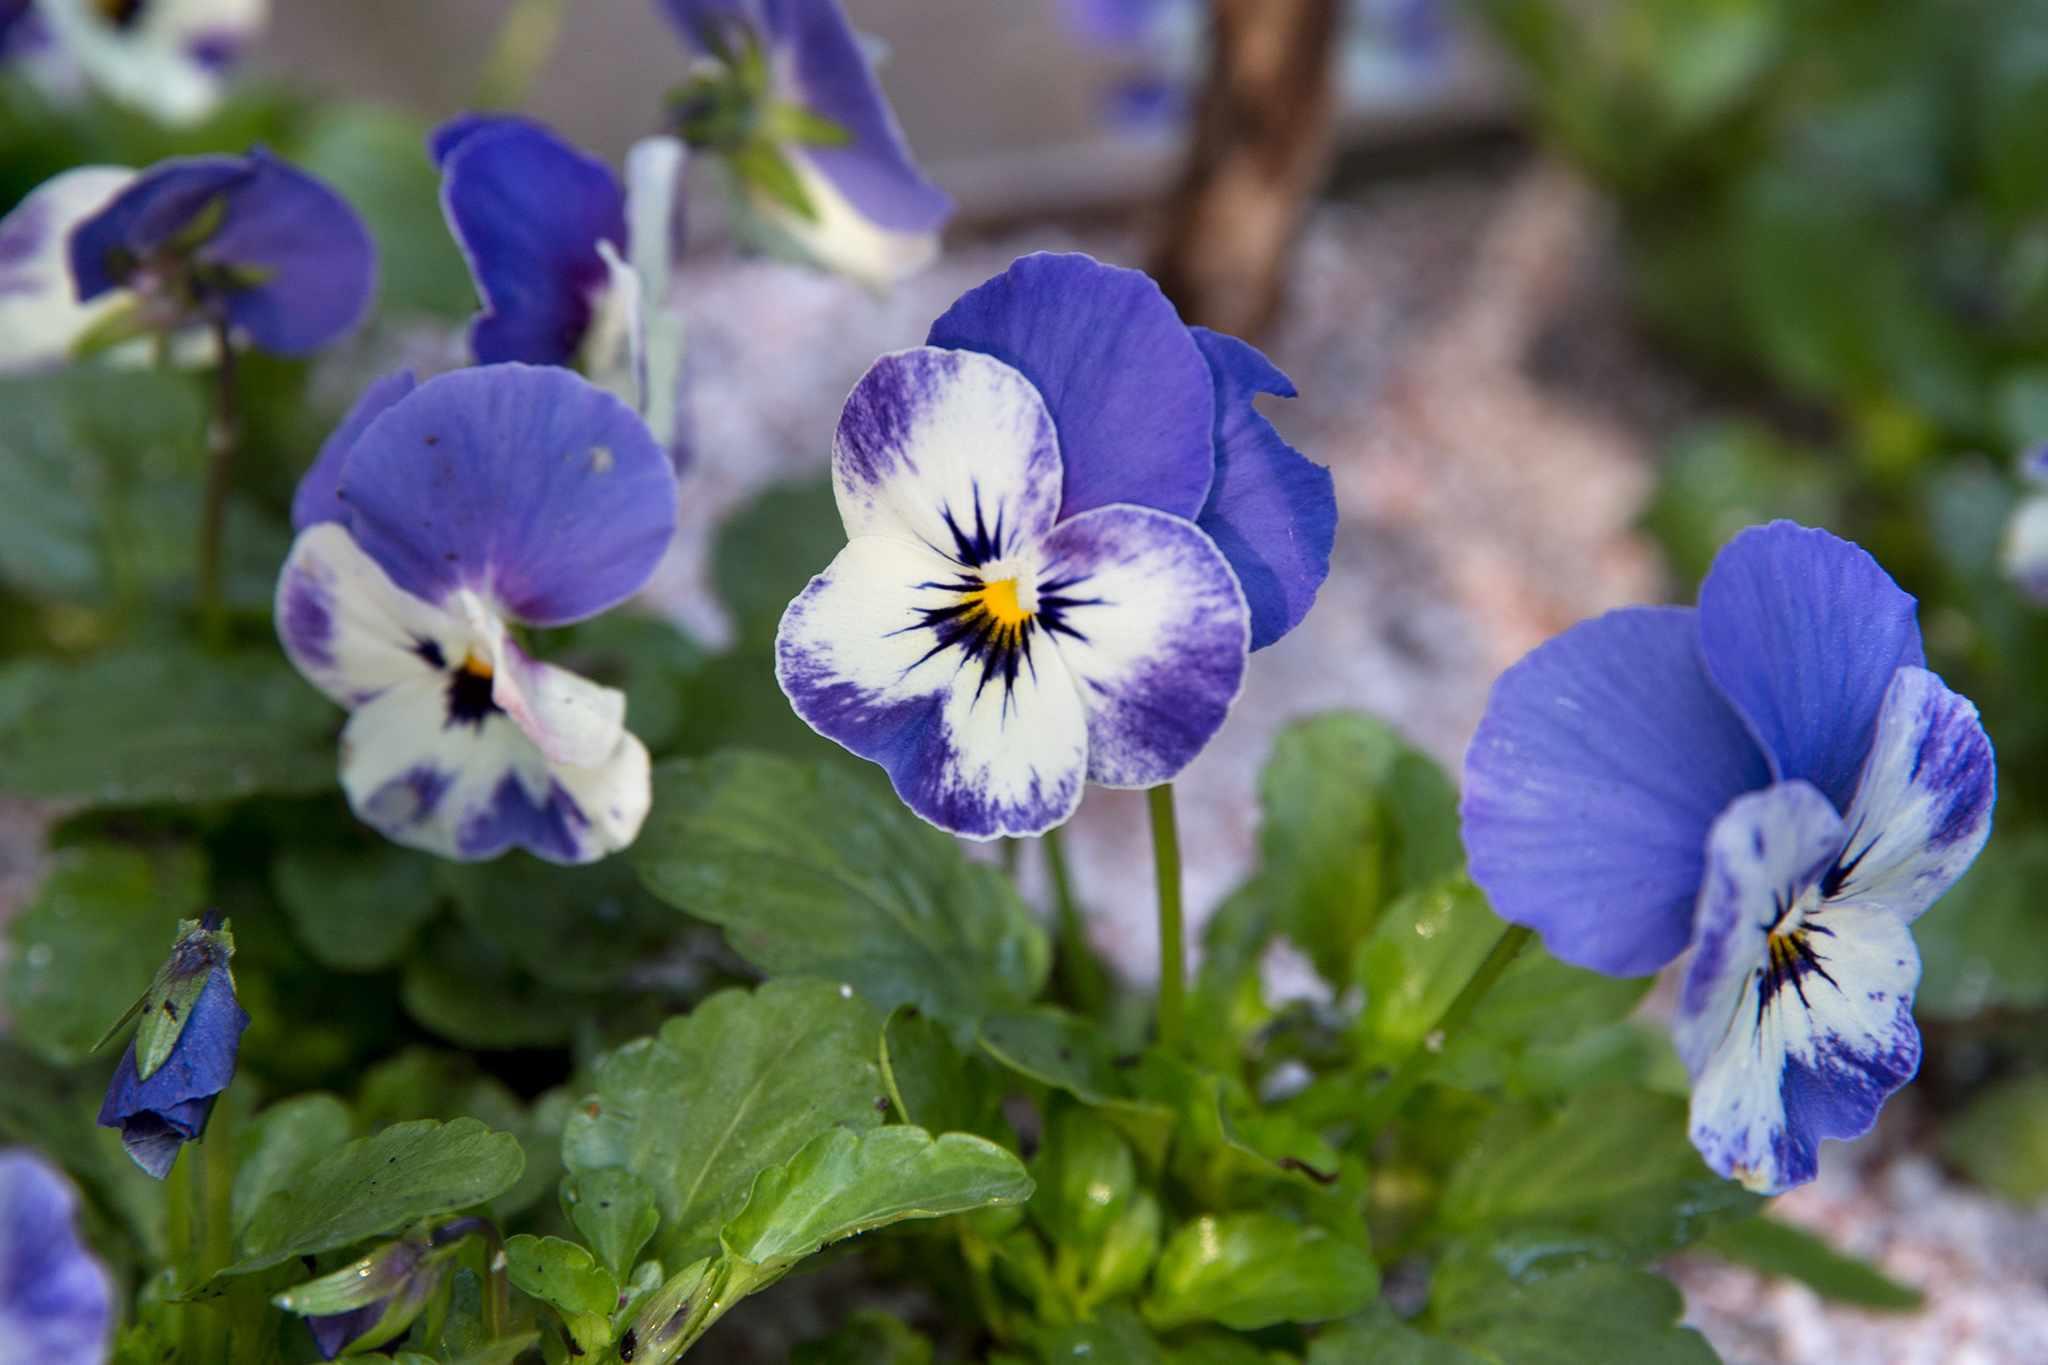 Viola 'Sorbet Delft Blue'